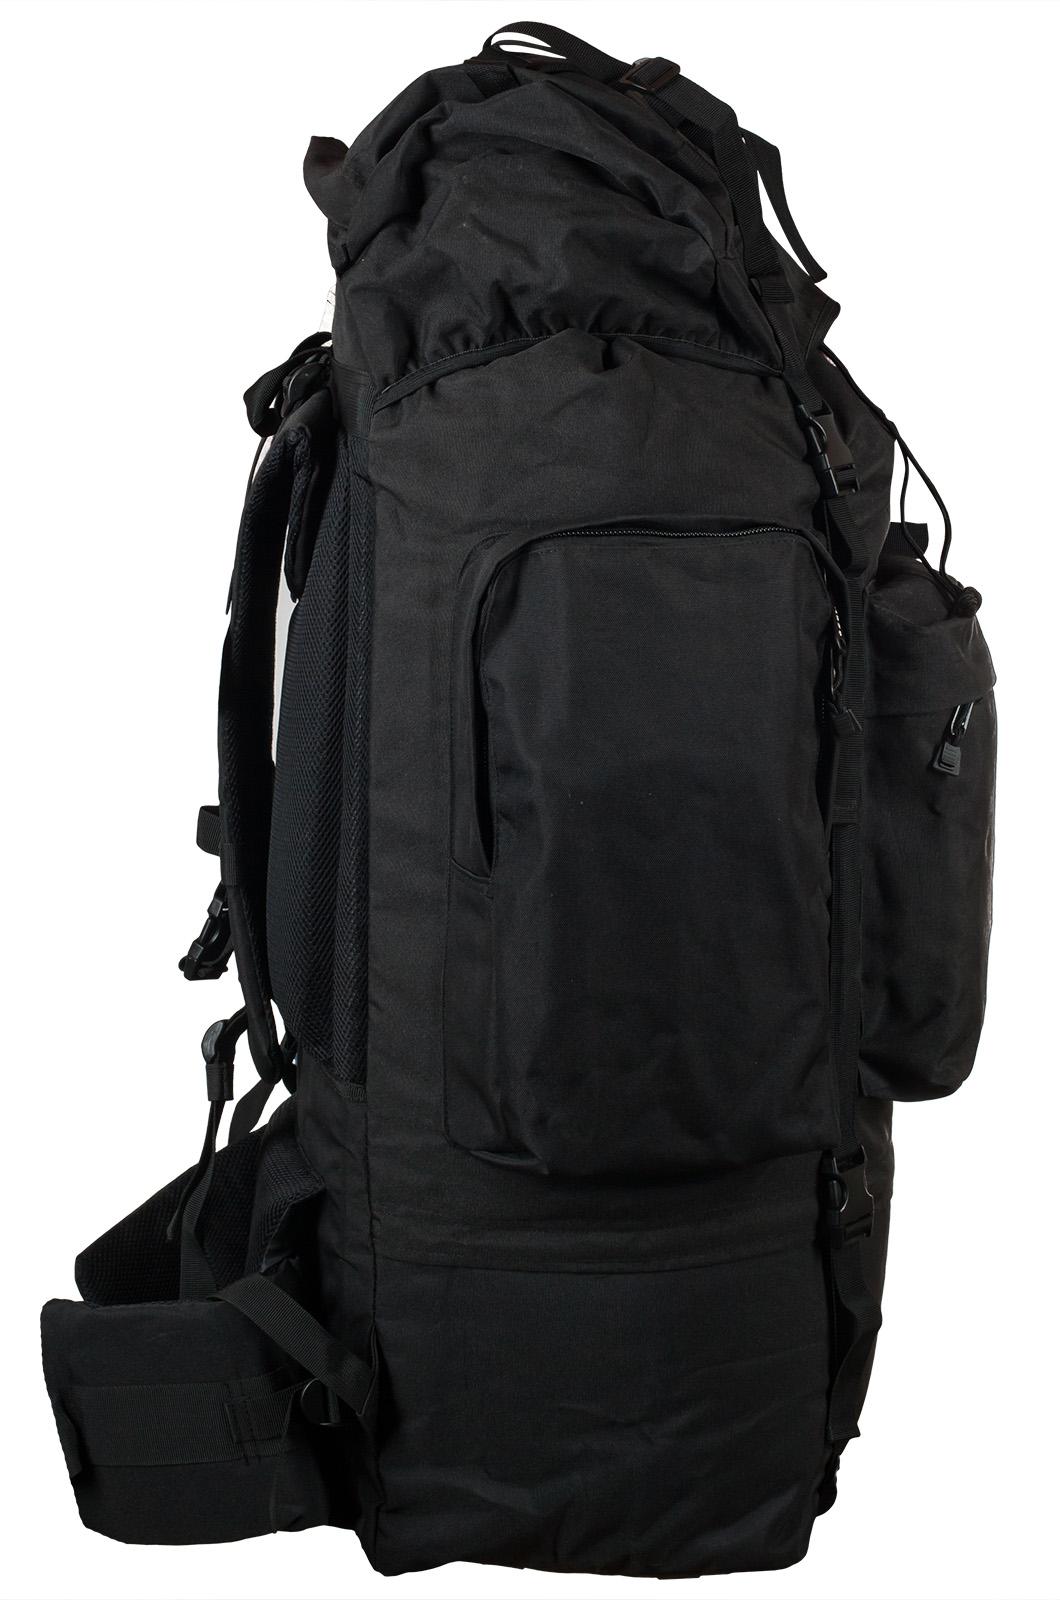 Большой удобный рюкзак с нашивкой Русская Охота - купить выгодно